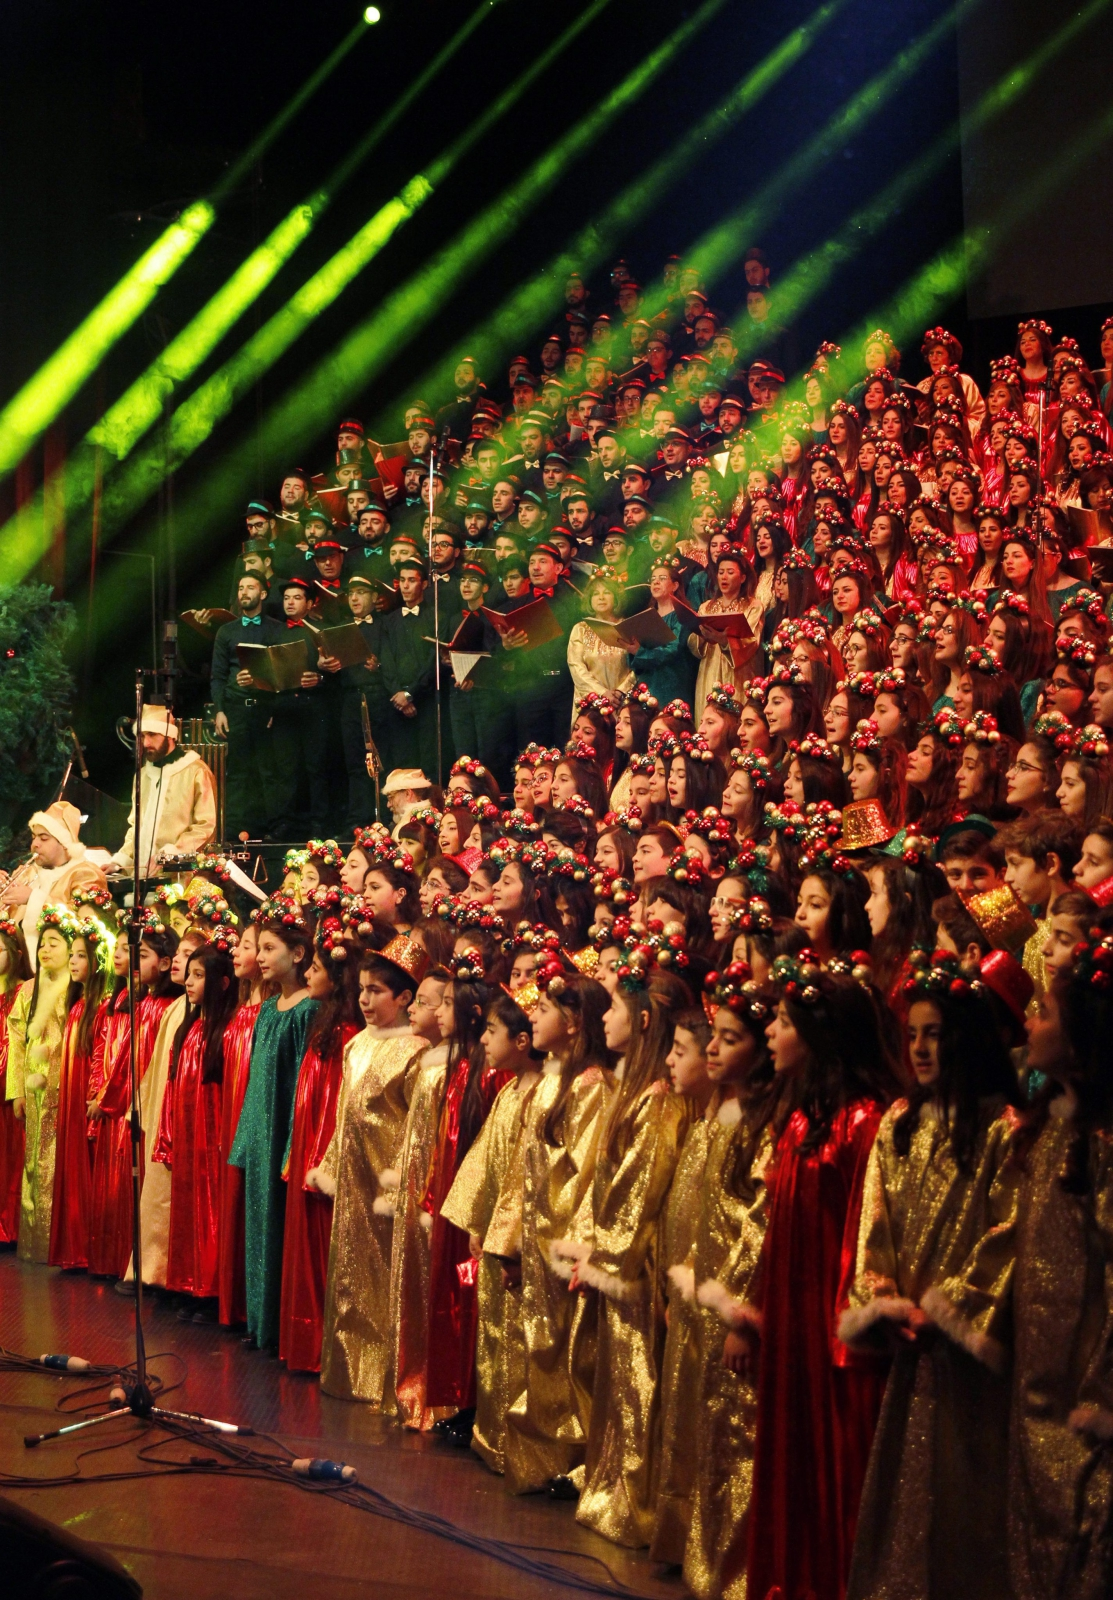 Chór al-Farah występuje świątecznie w operze w Damaszku, Syria.